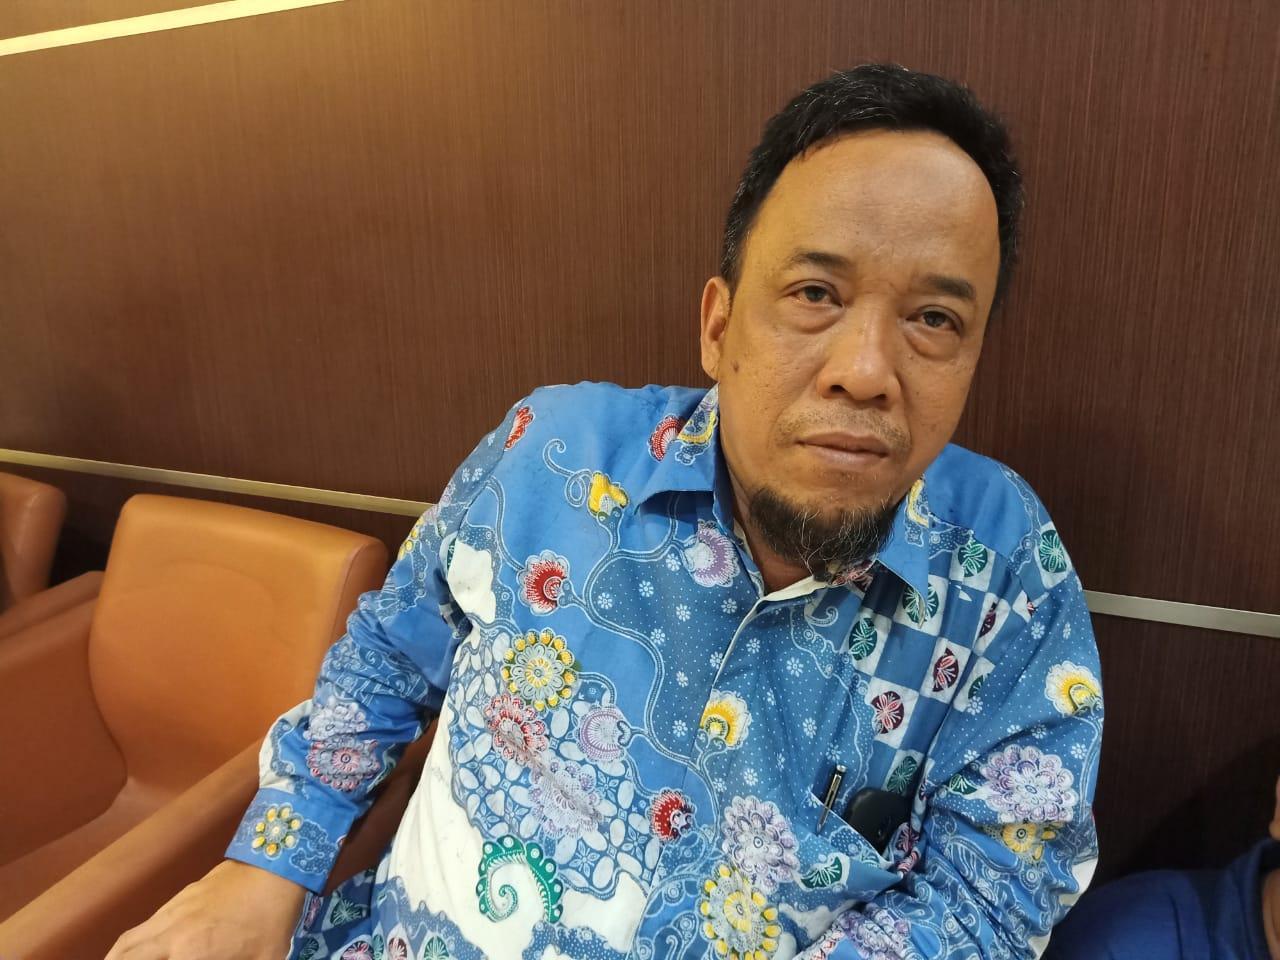 anggota Komisi C DPRD Jatim Suyatni Priasmoro saat dikonfirmasi di kantornya, Jumat (15/11/2019).